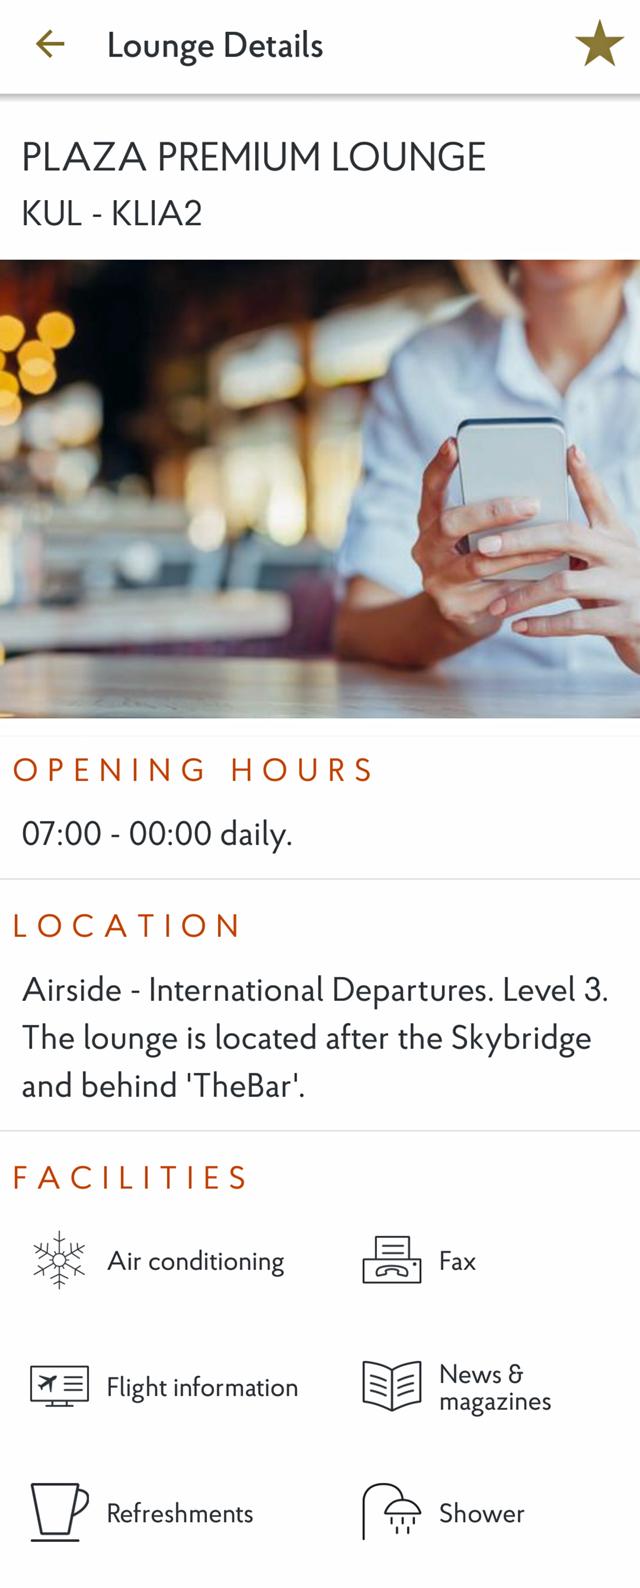 Plaza Premium Lounge-Wellness SPA